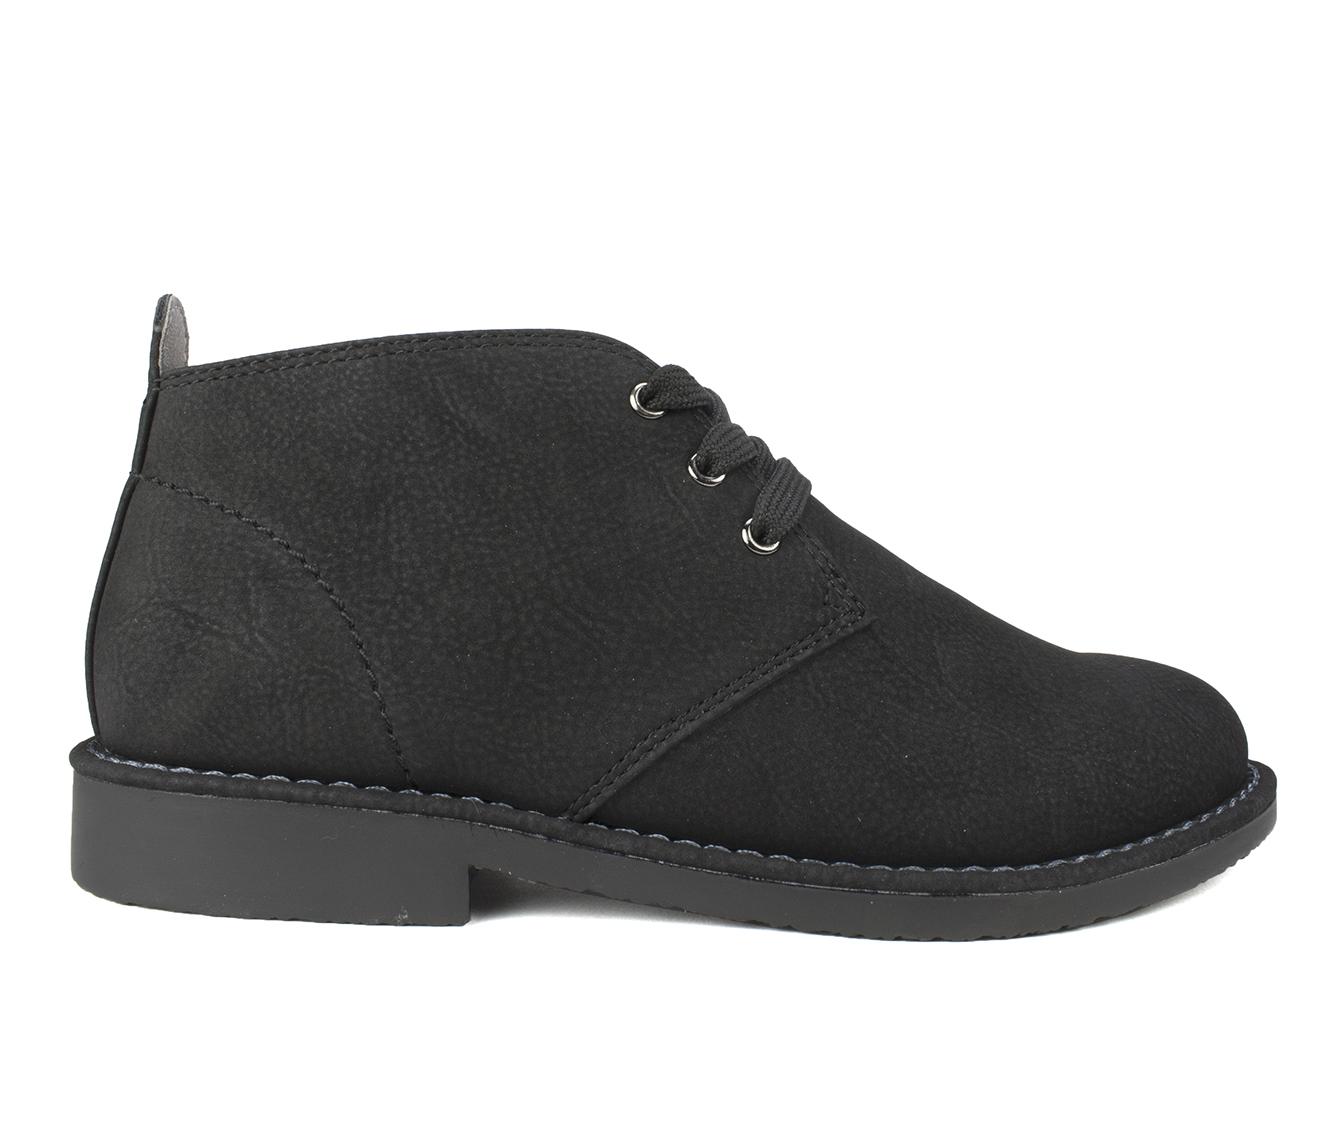 Seven Dials Maj Women's Boots (Black - Faux Leather)